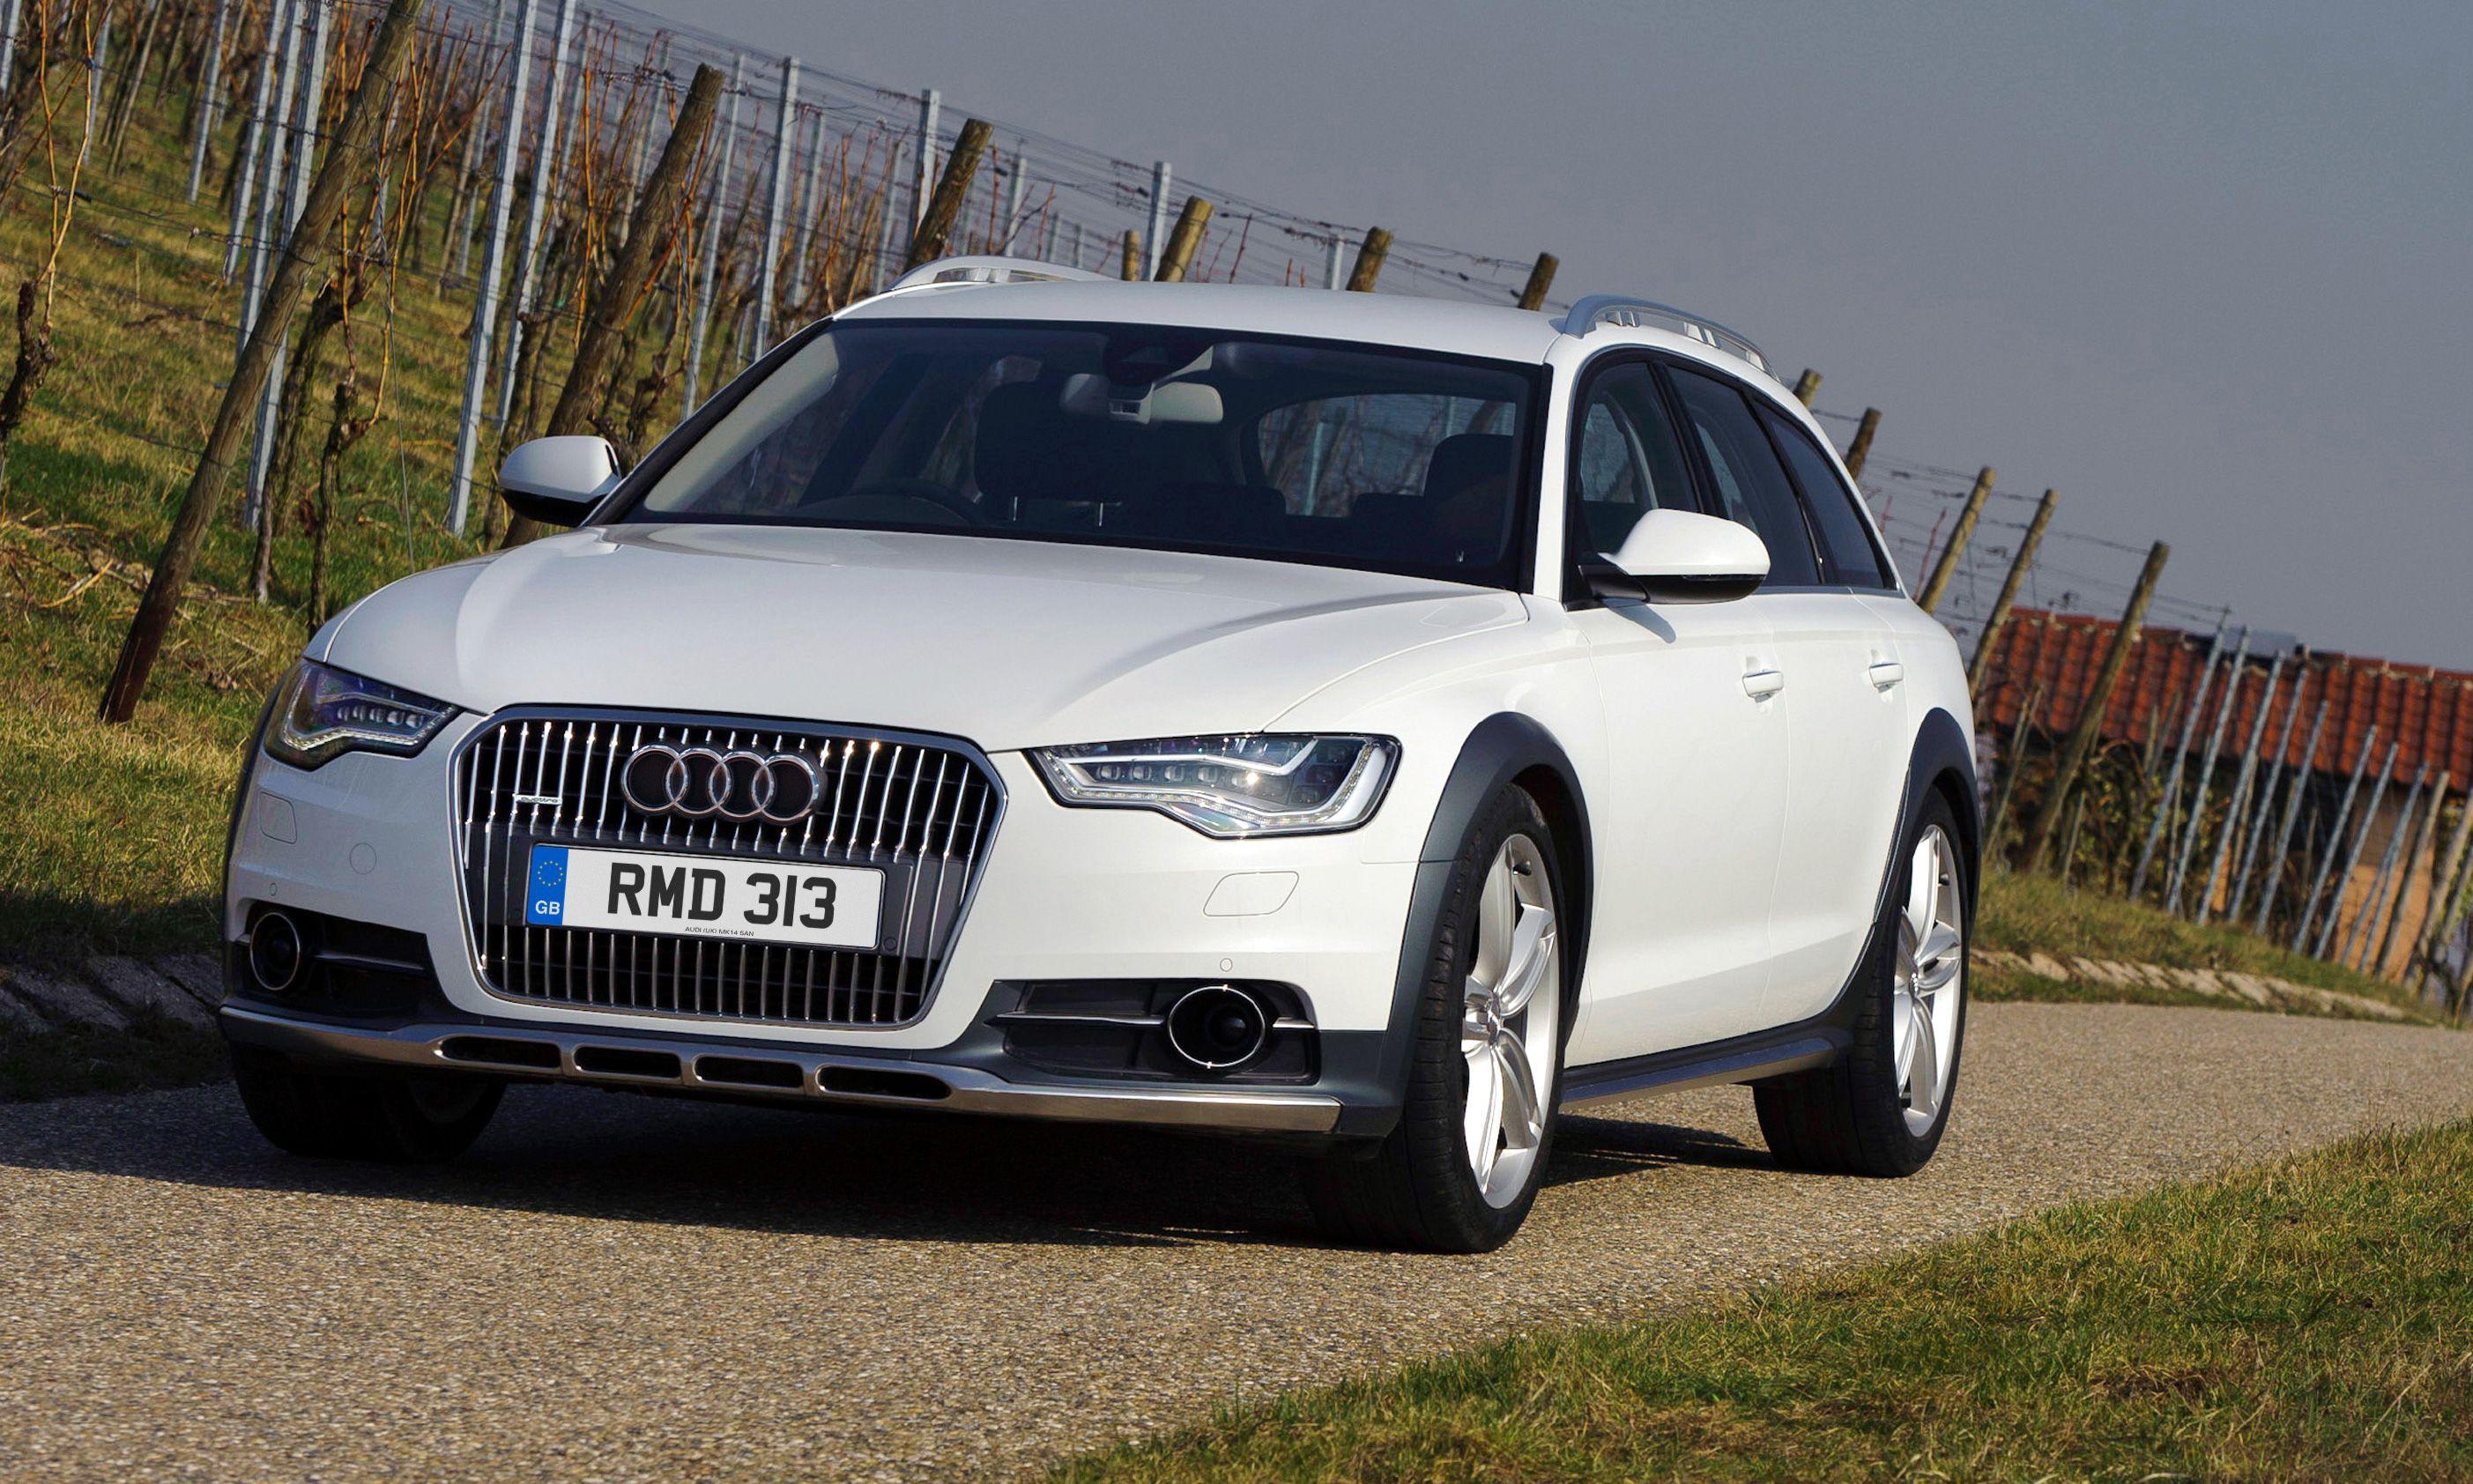 Audi A Allroad Quattro Car Review Road Test - Is audi a good car